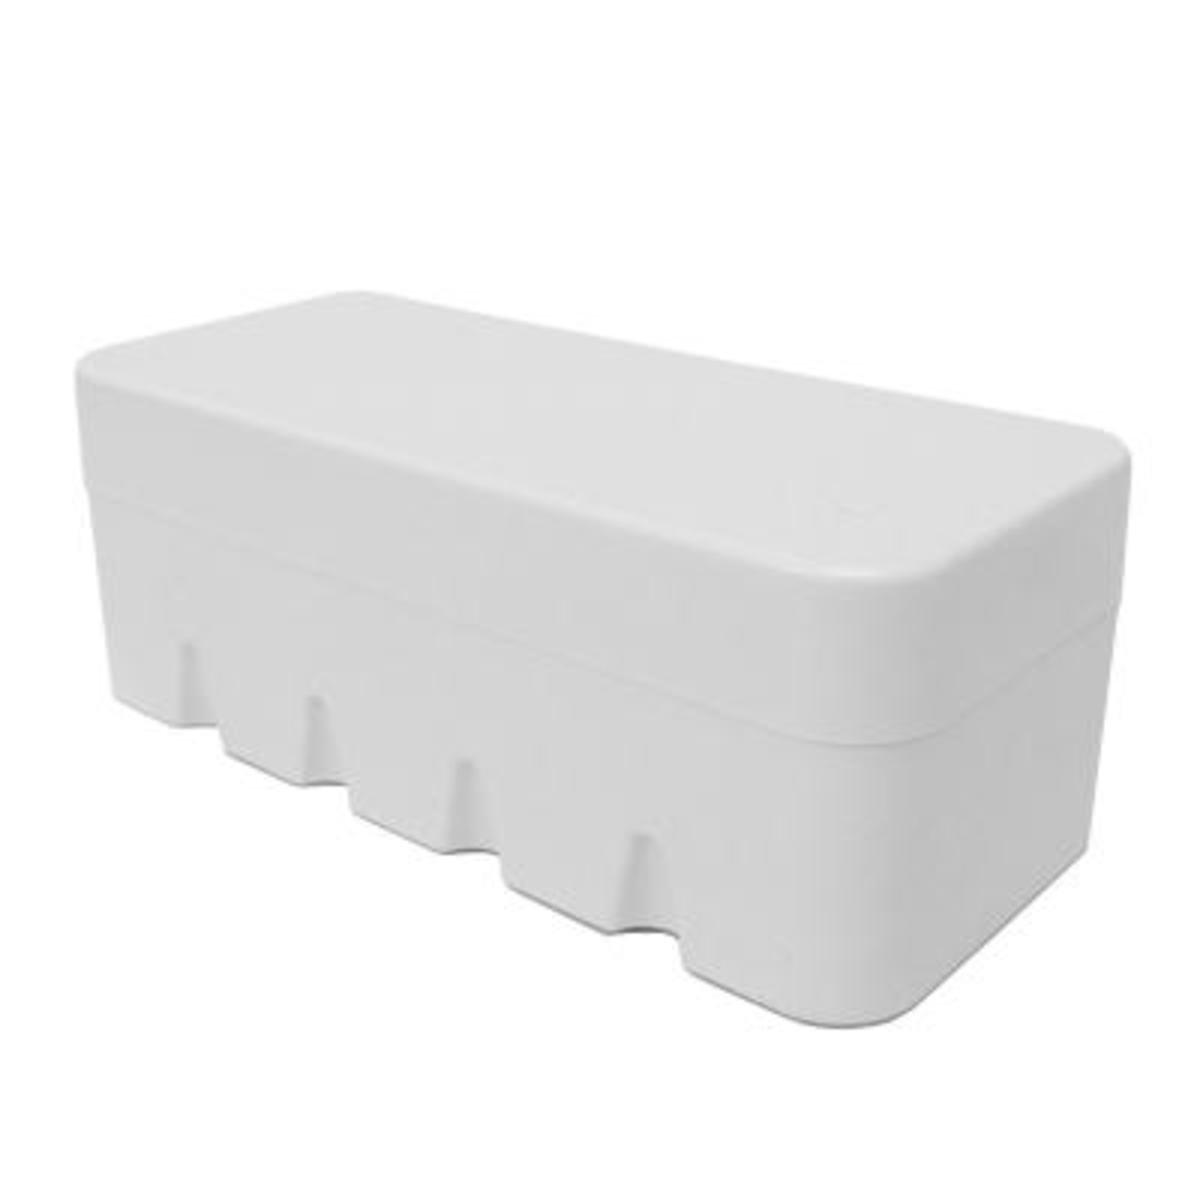 菲林盒 35mm 10筒裝 (白色)